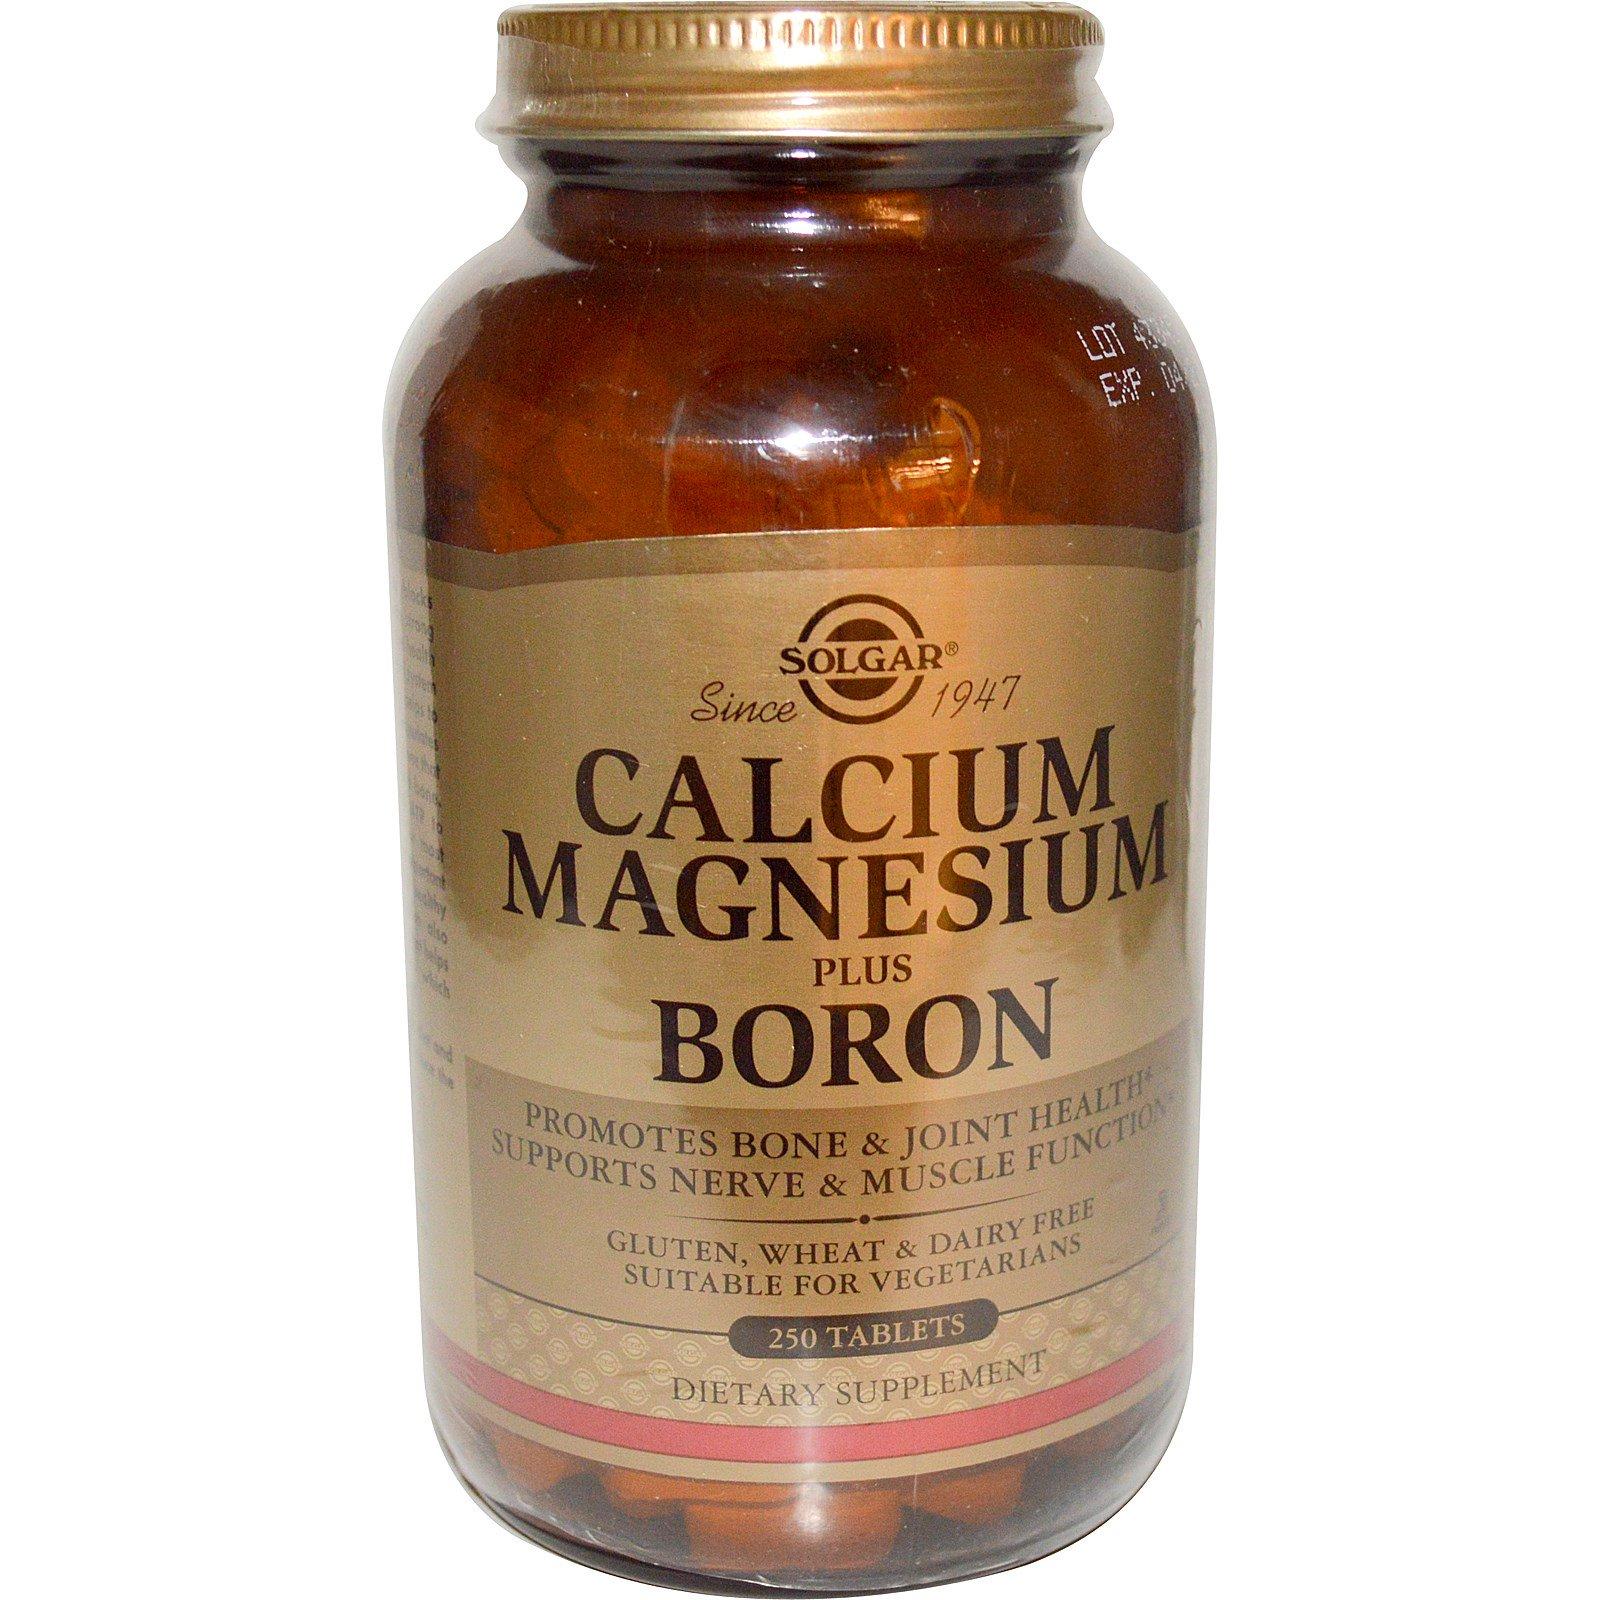 Solgar, Calcium Magnesium Boron, 250 Tablets